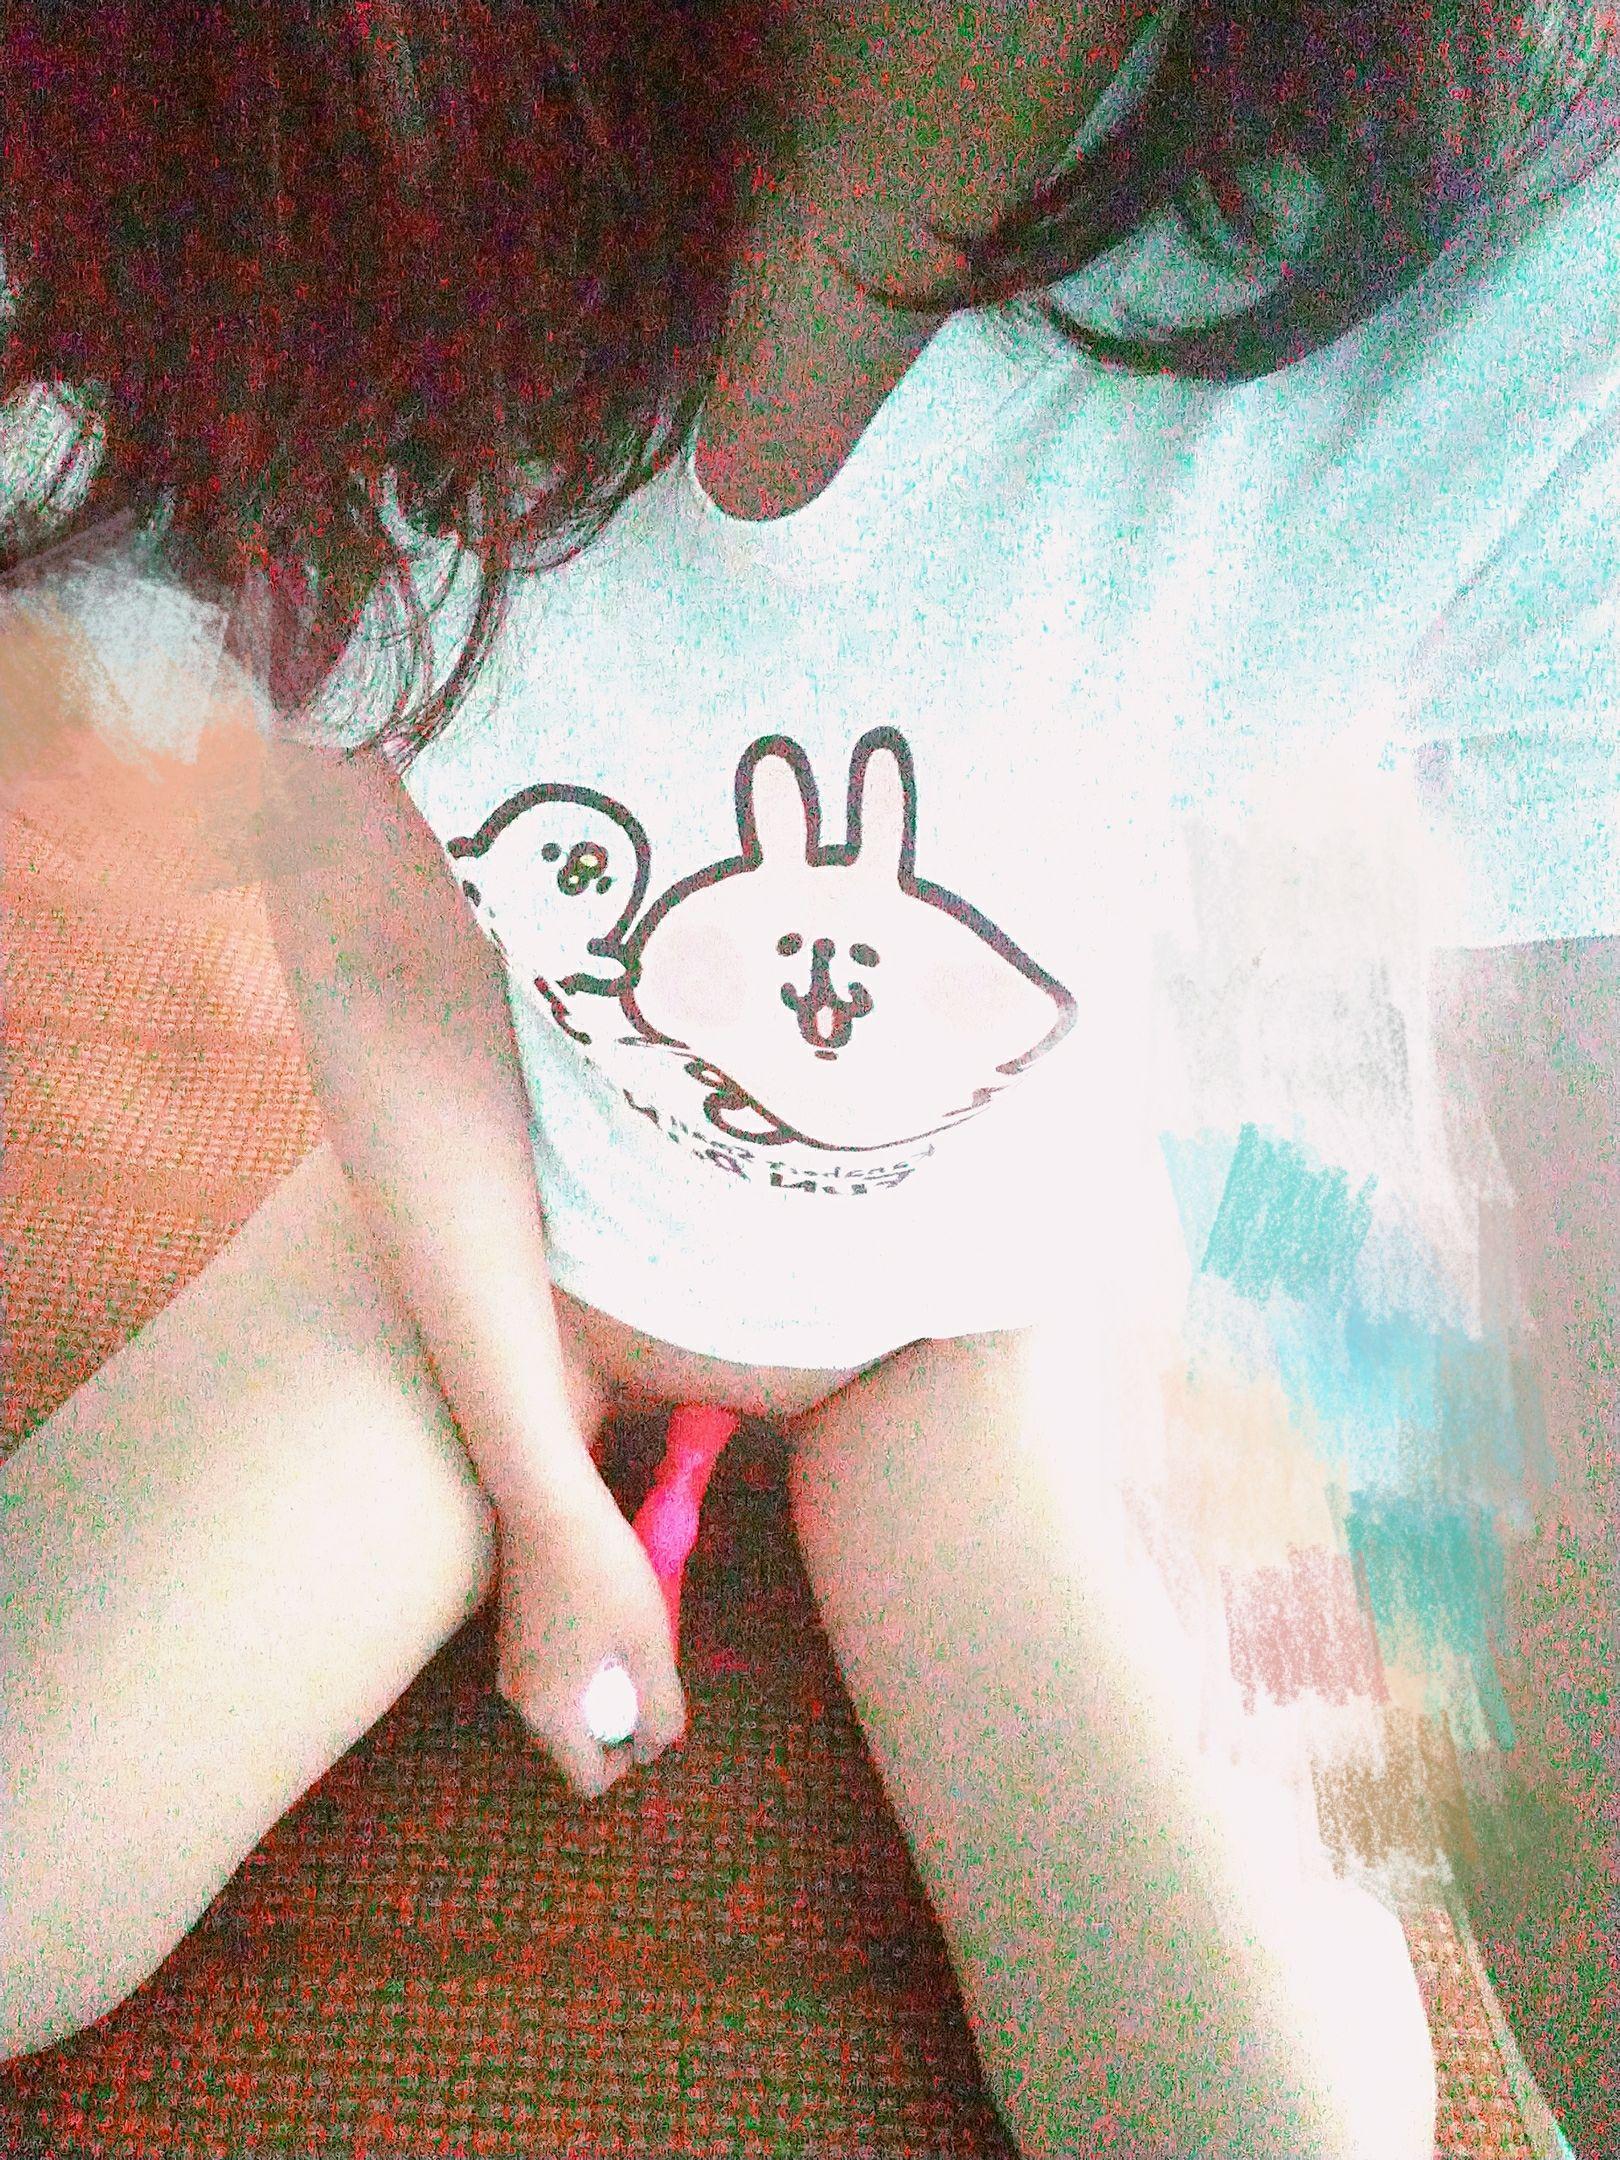 剛兼差當台北外送茶的甜美妹子在床上「偷偷掀衣」露巨乳 讓客人秒硬!?